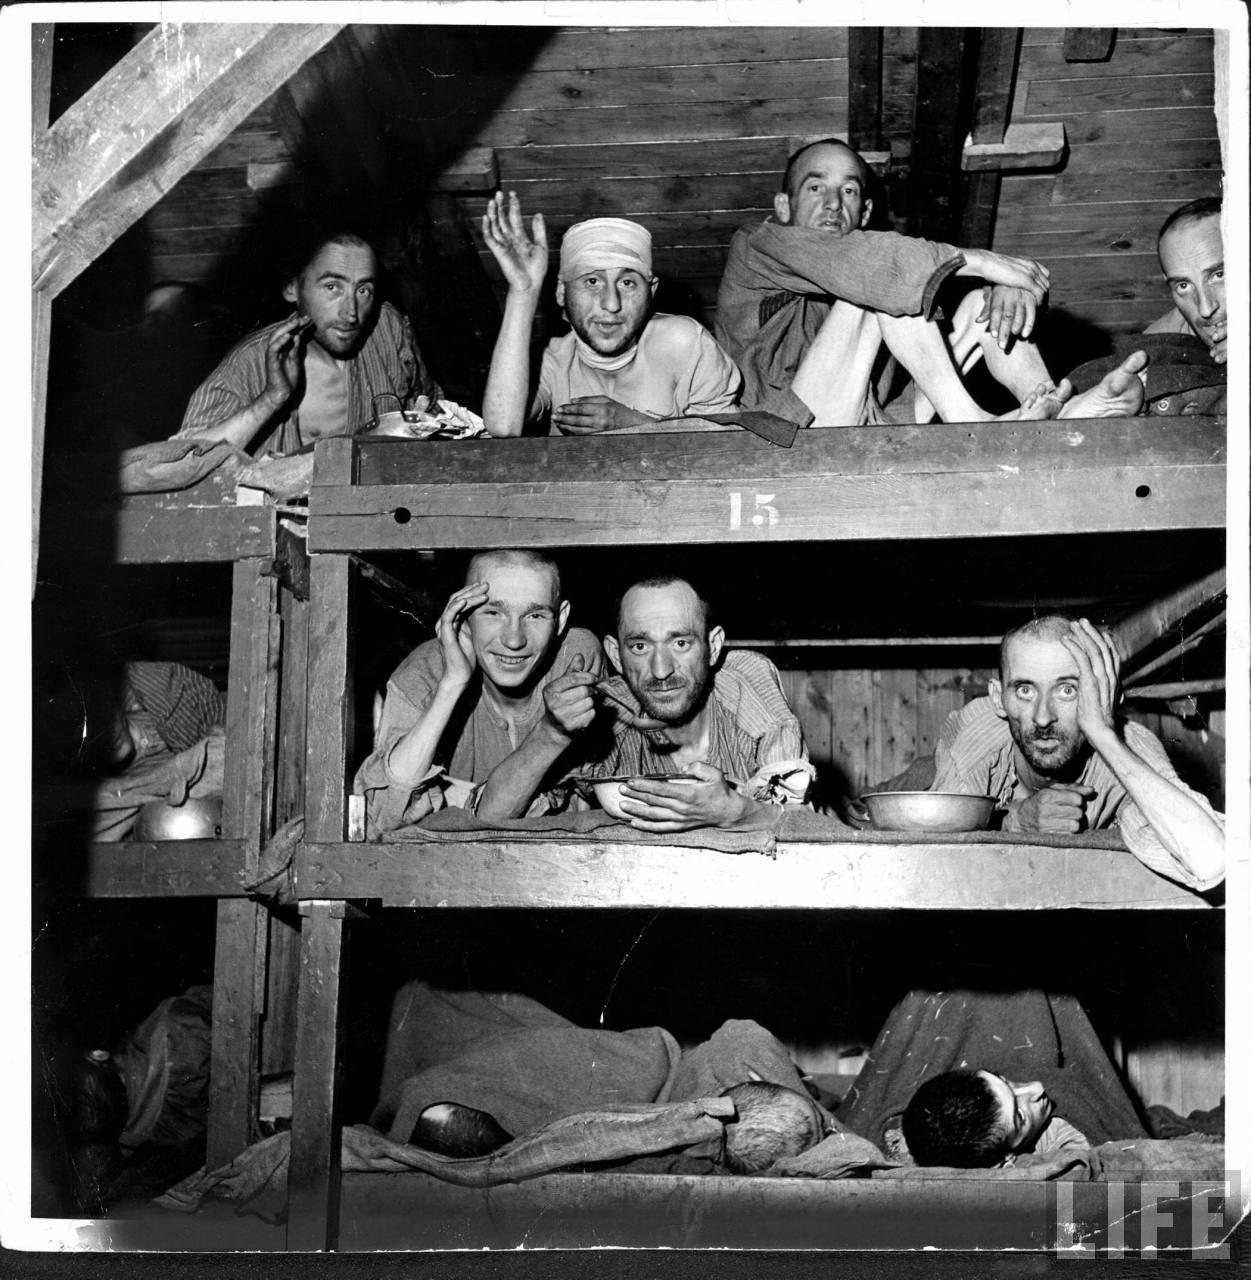 the terror hidden in auschwitz Auschwitz survivor's hidden letter details horror of holocaust marcel nadjari who died in 1971 secreted in flask his eye-witness account of mass murder.